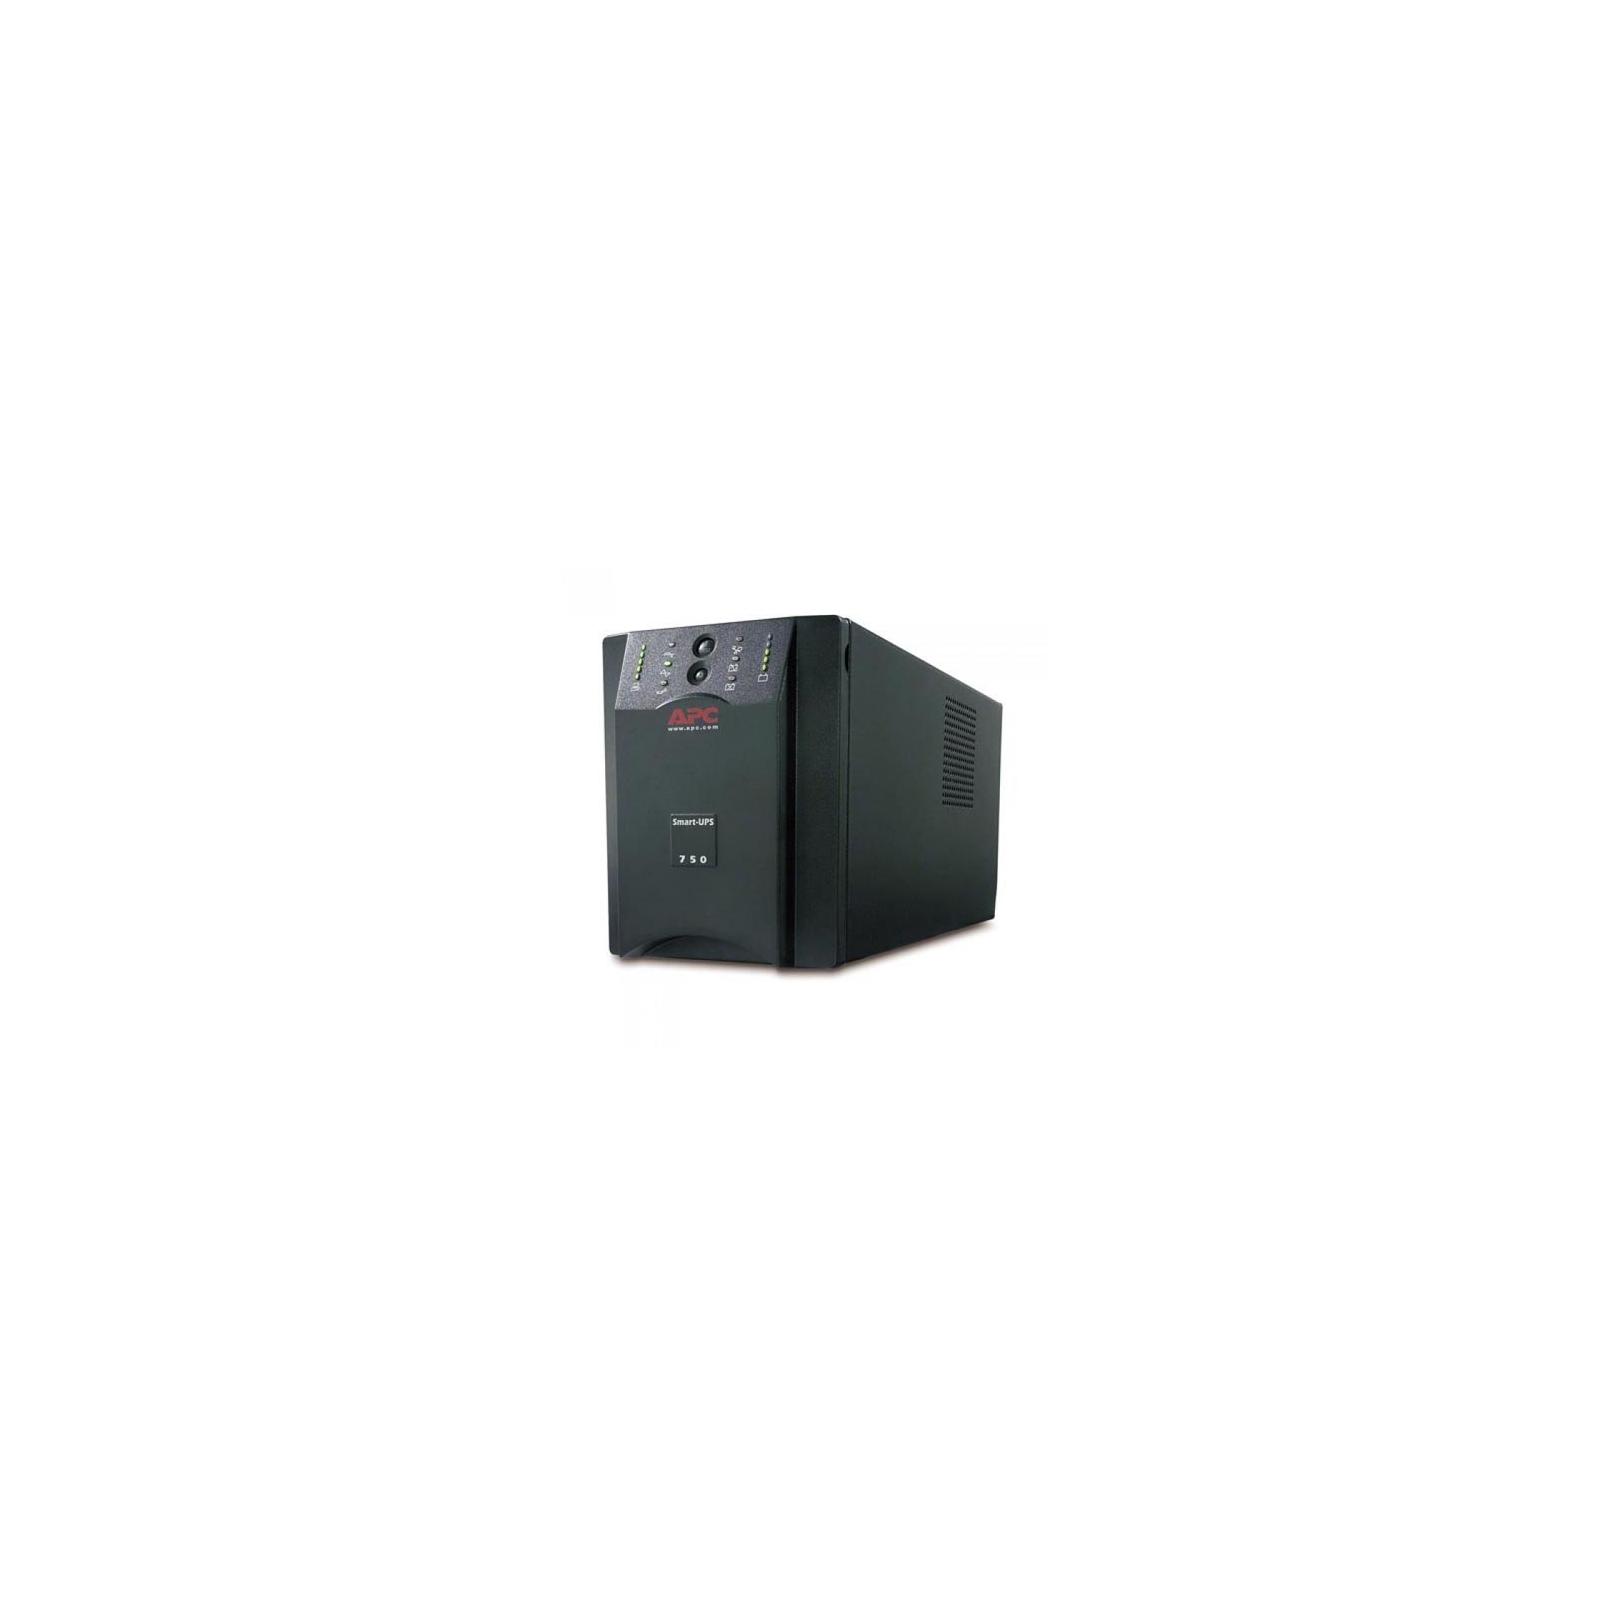 Батарея к ИБП для SUA750XLI/ SUA1000XLI, 24V APC (SUA24XLBP)